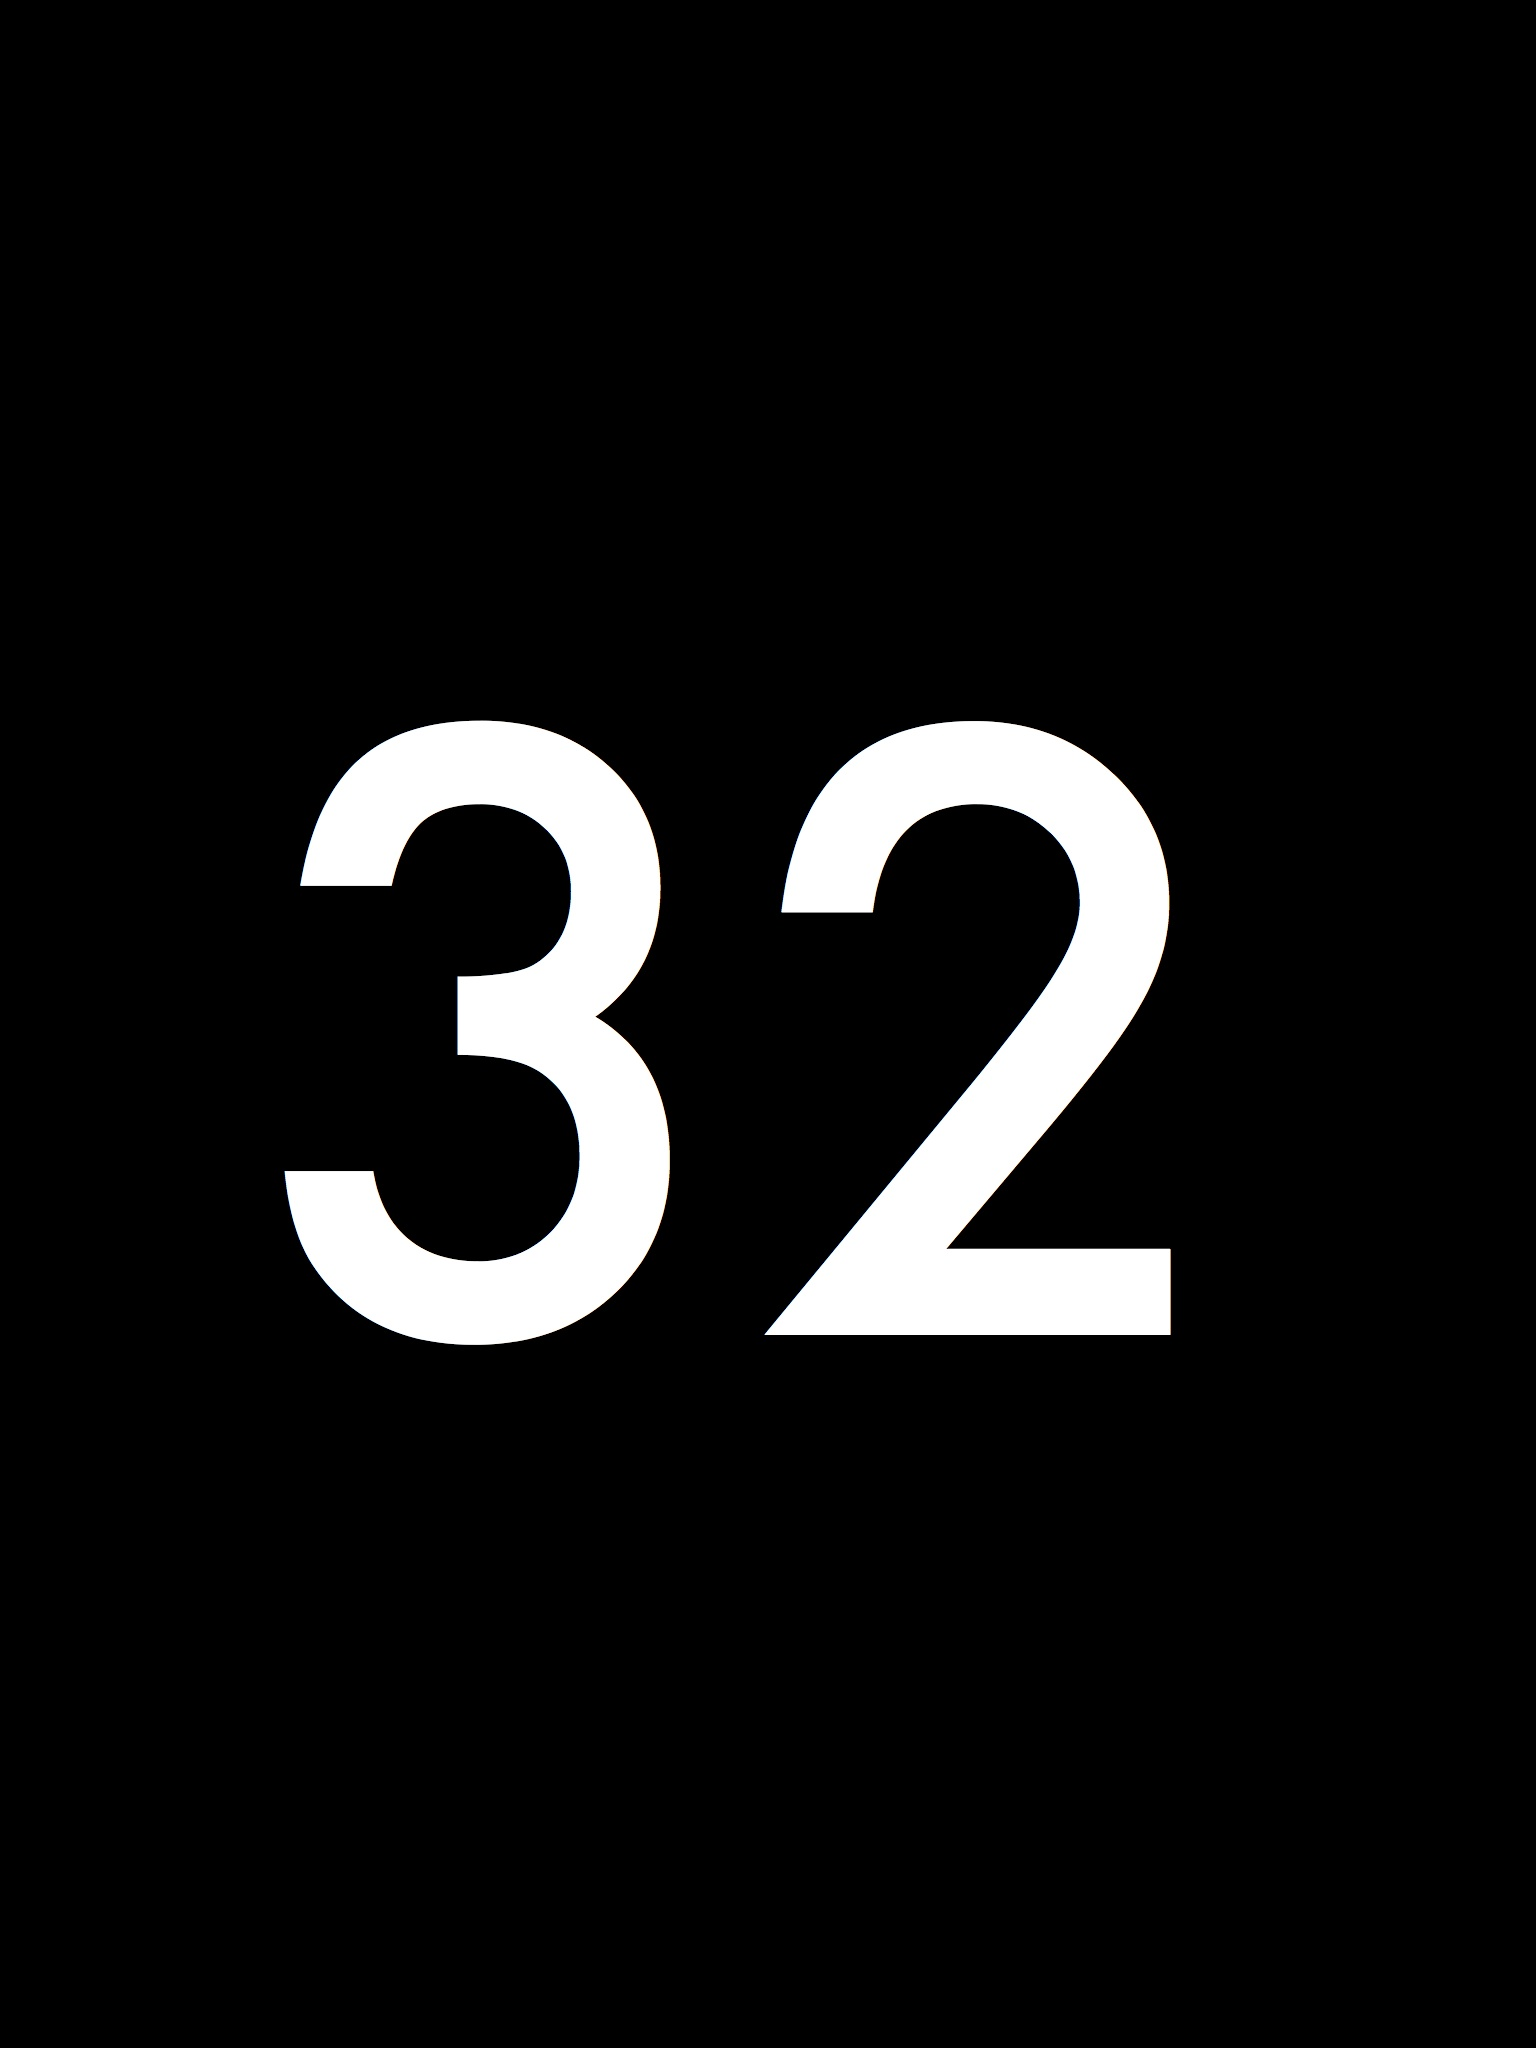 Black_Number.032.jpg